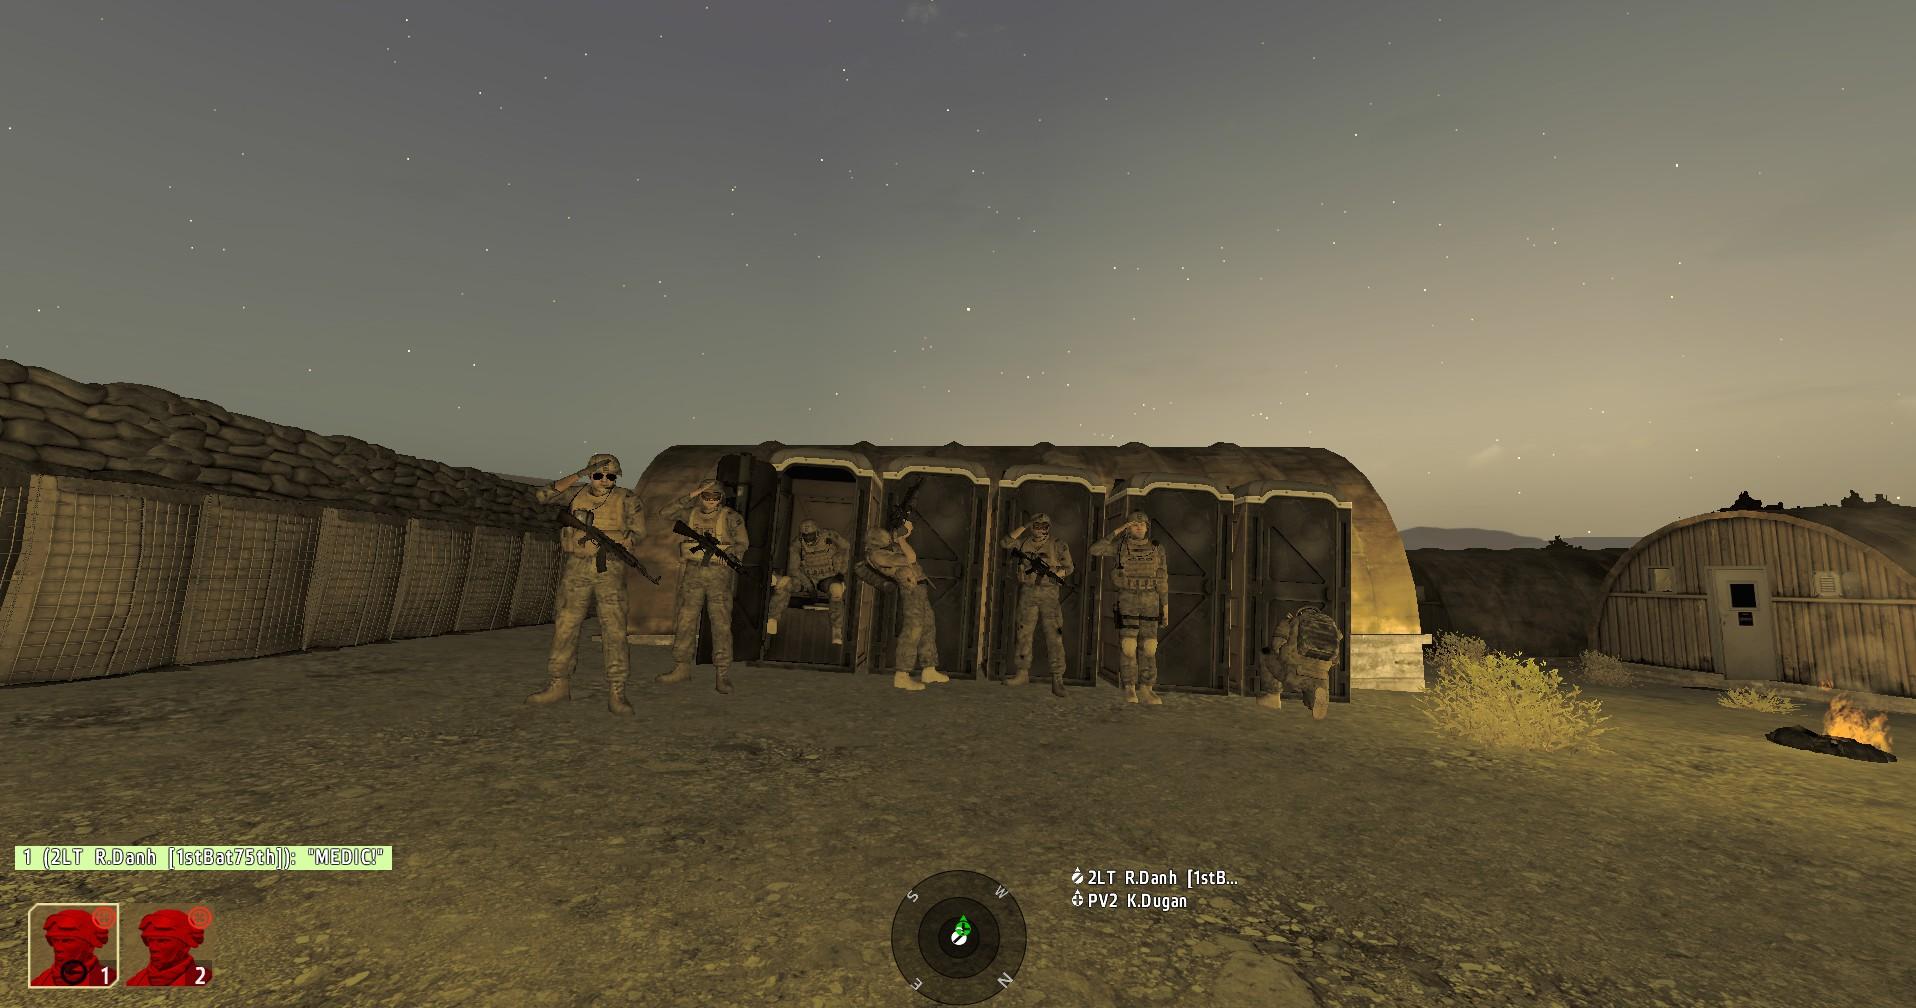 [Operation] Operation Behind Enemy Lines 3/04/17 [AAR] 932C62DE0F26615A33FF7BEBF84A265B3A4DF434